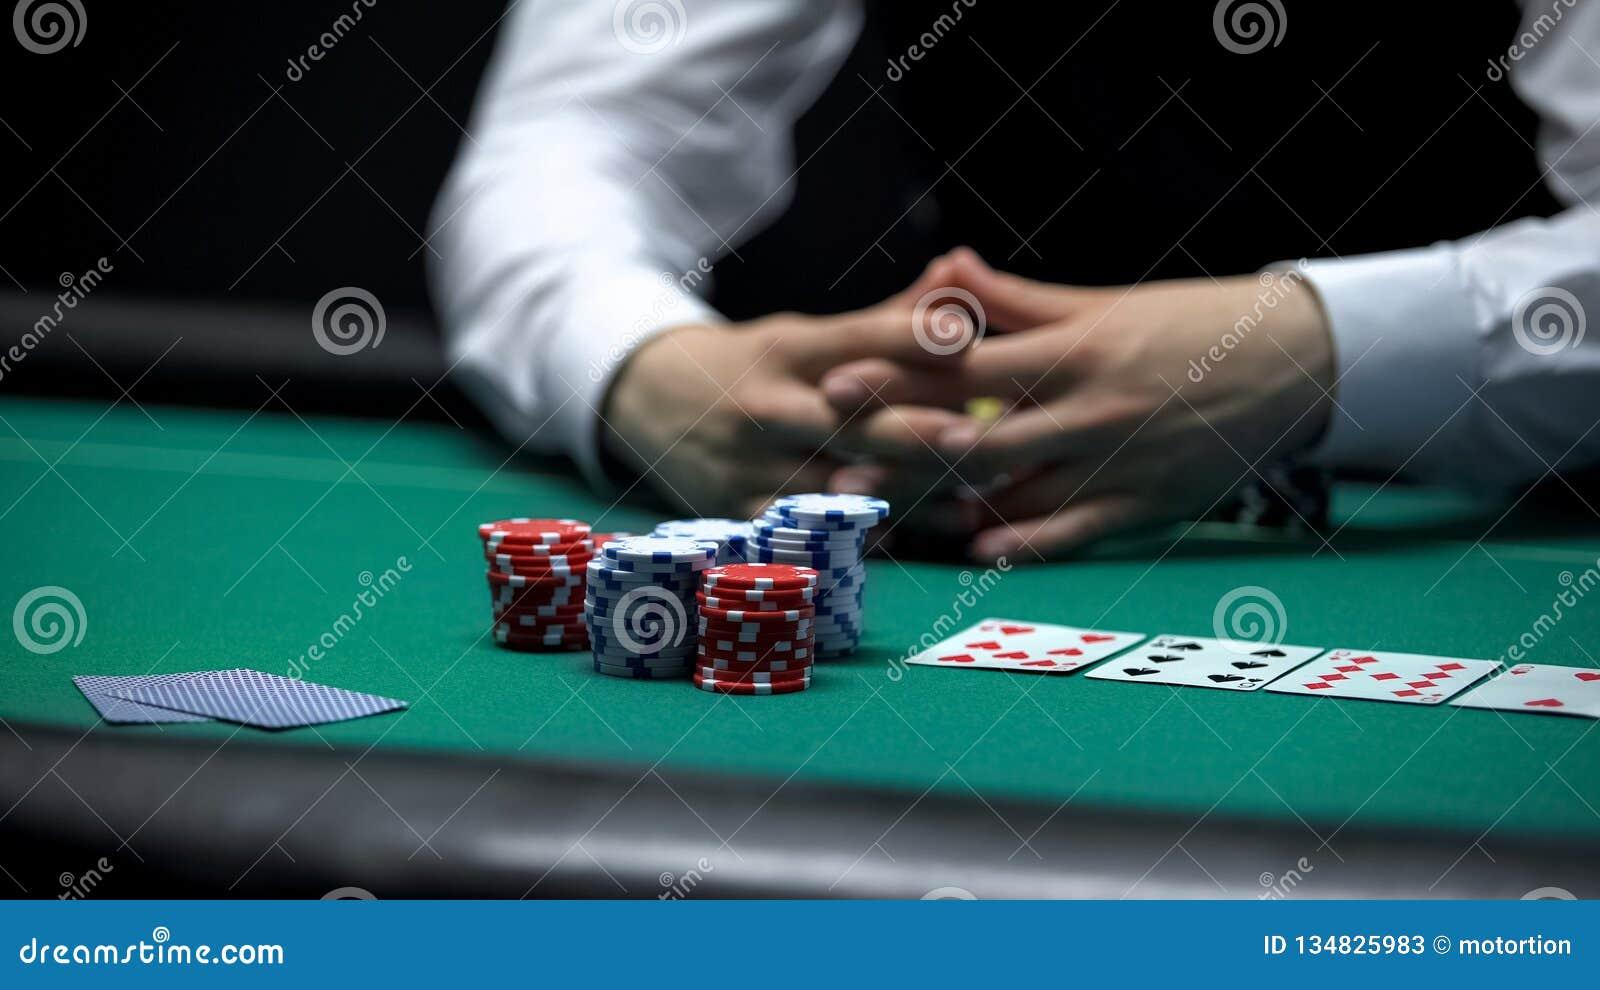 Казино клиент скачать играть в казино игровые аппараты бесплатно и без регистрации